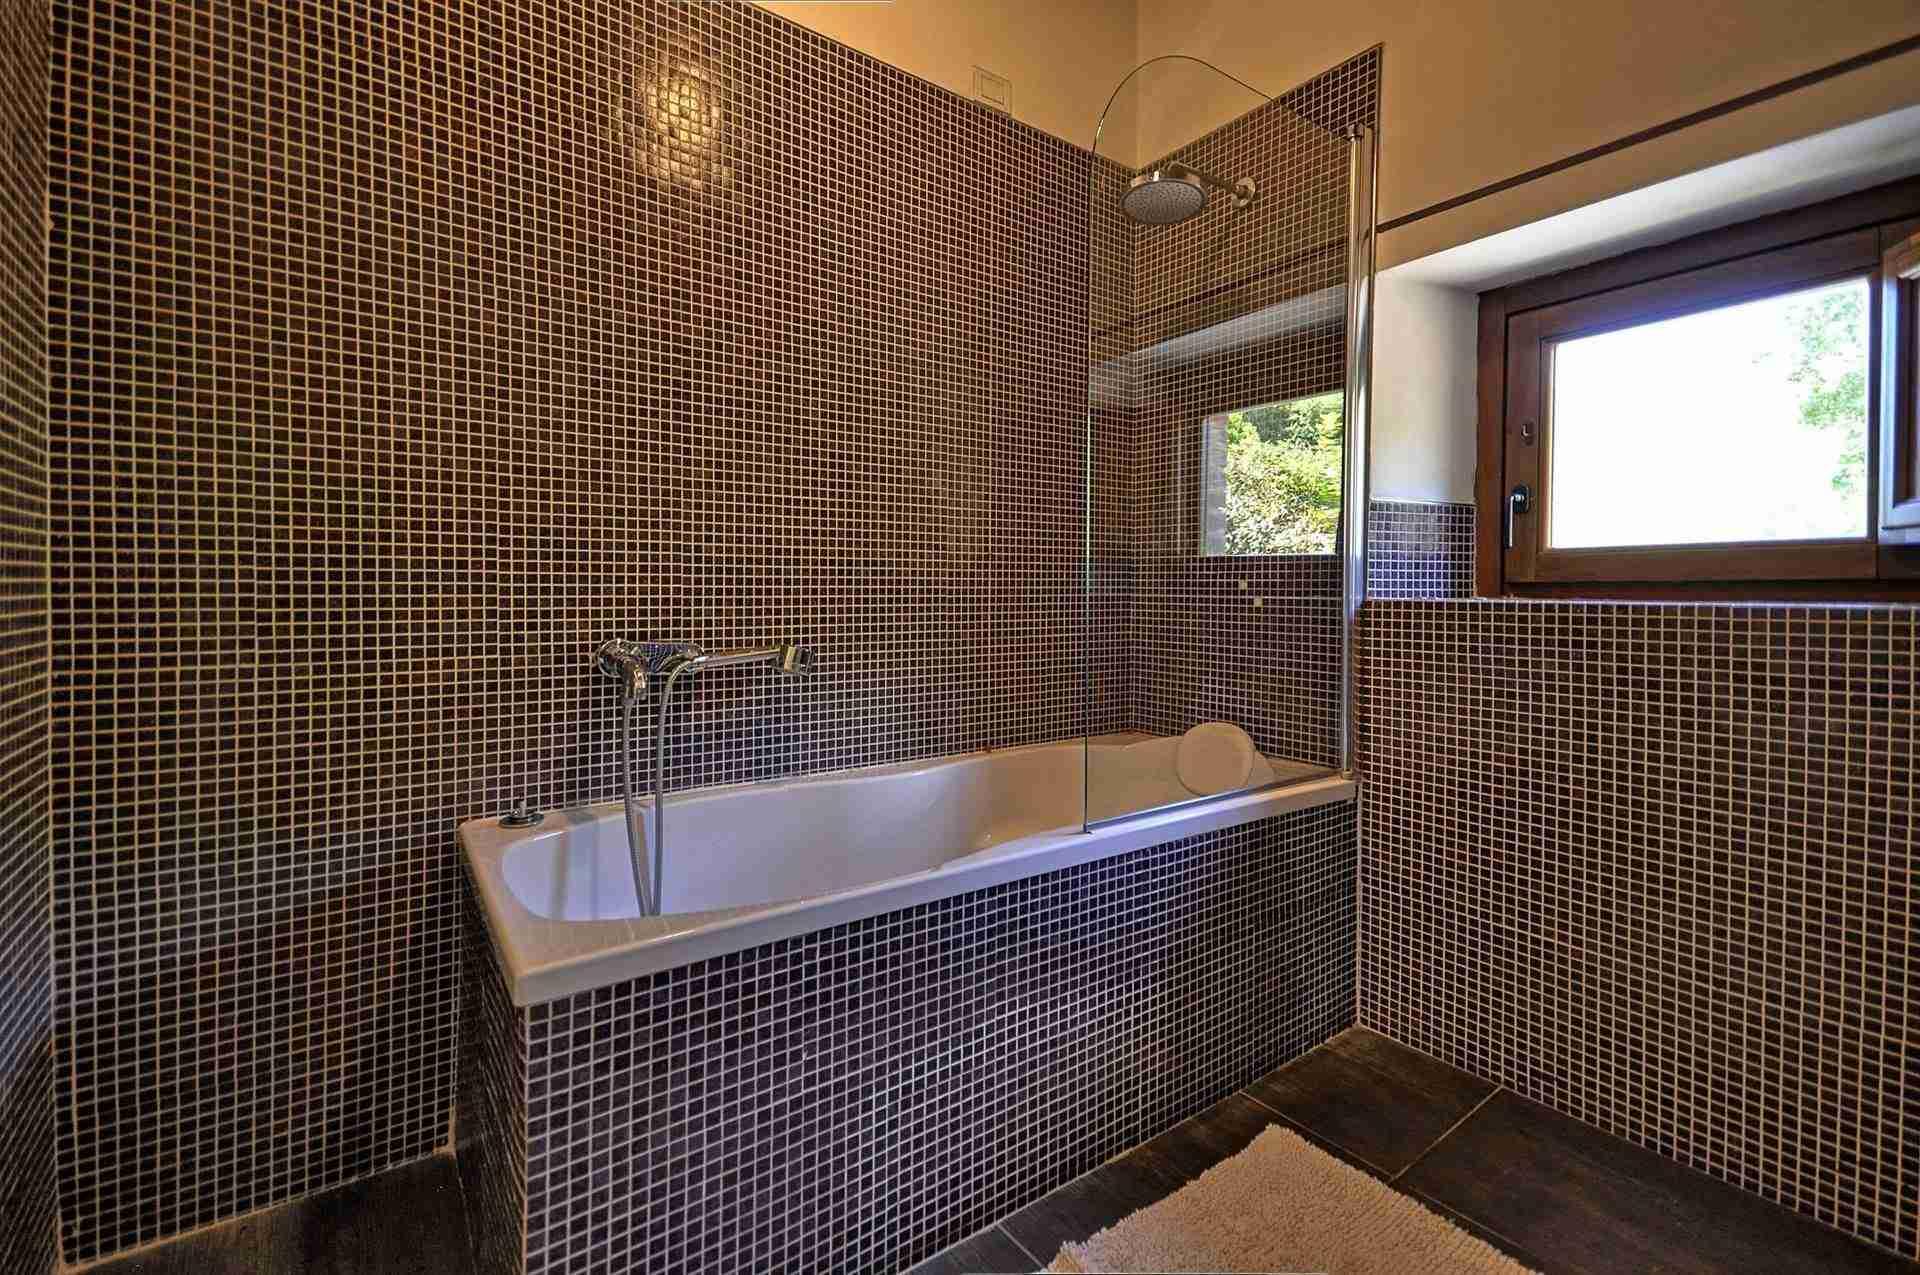 19 Perugini bath tub